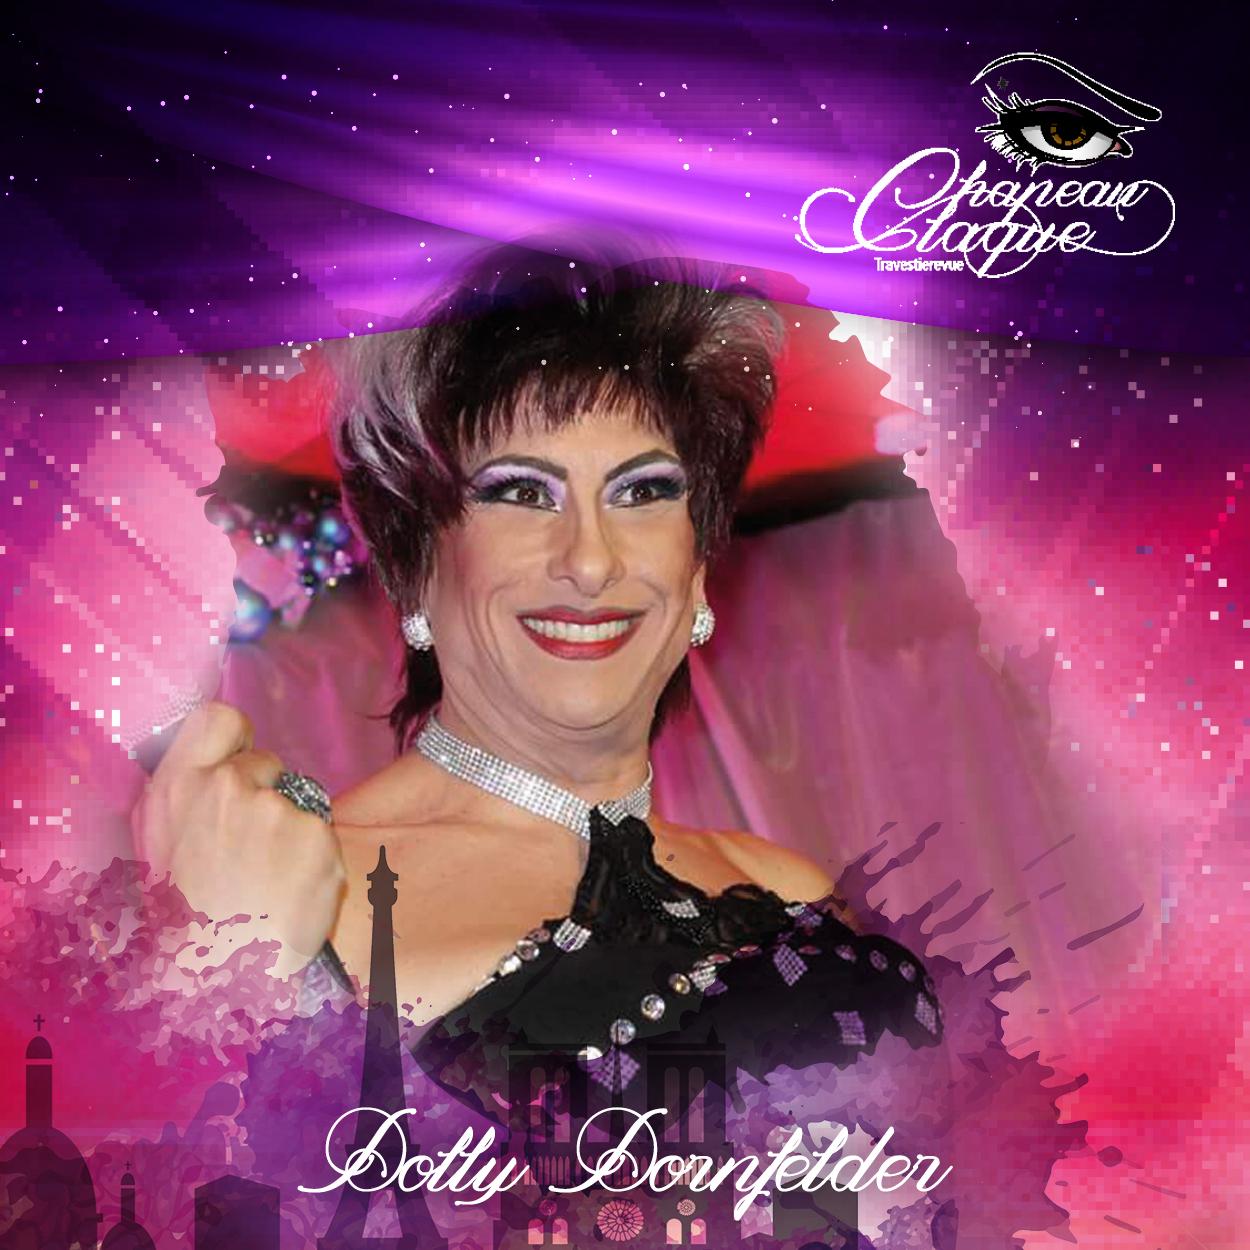 Dolly Dornfelder